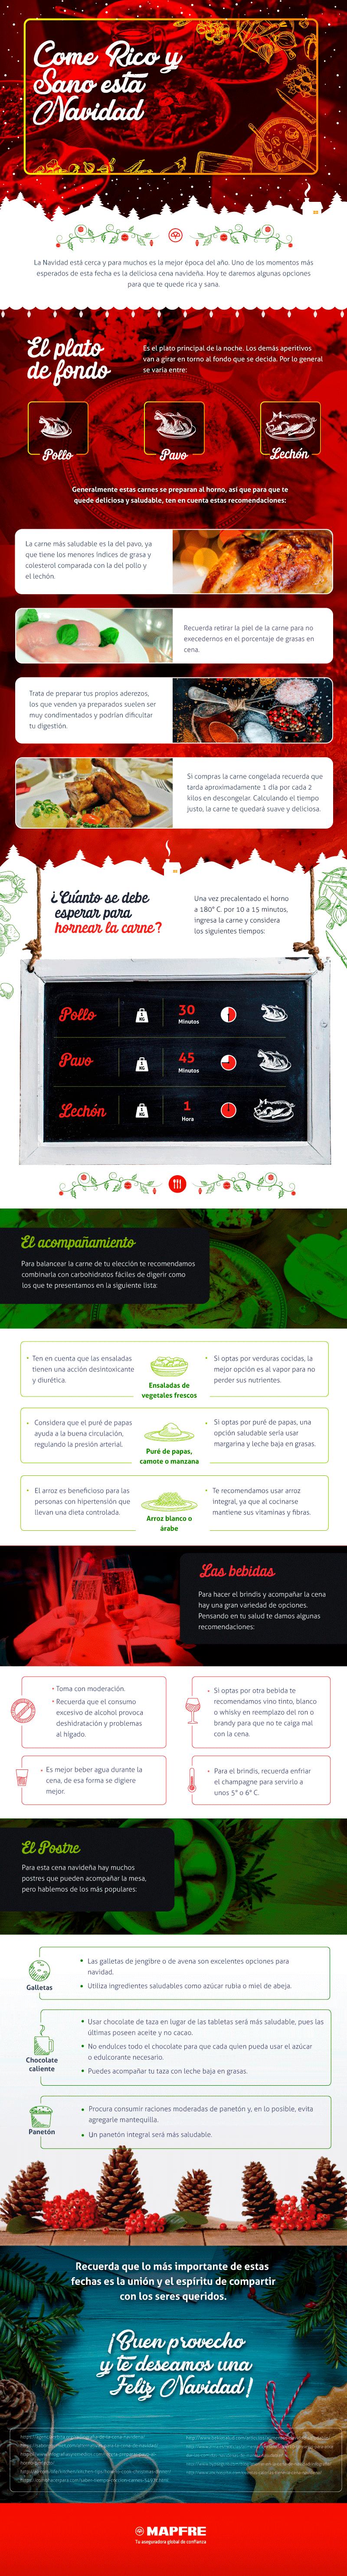 Consejos para comer sano durante estas fiestas - Infografía - 2